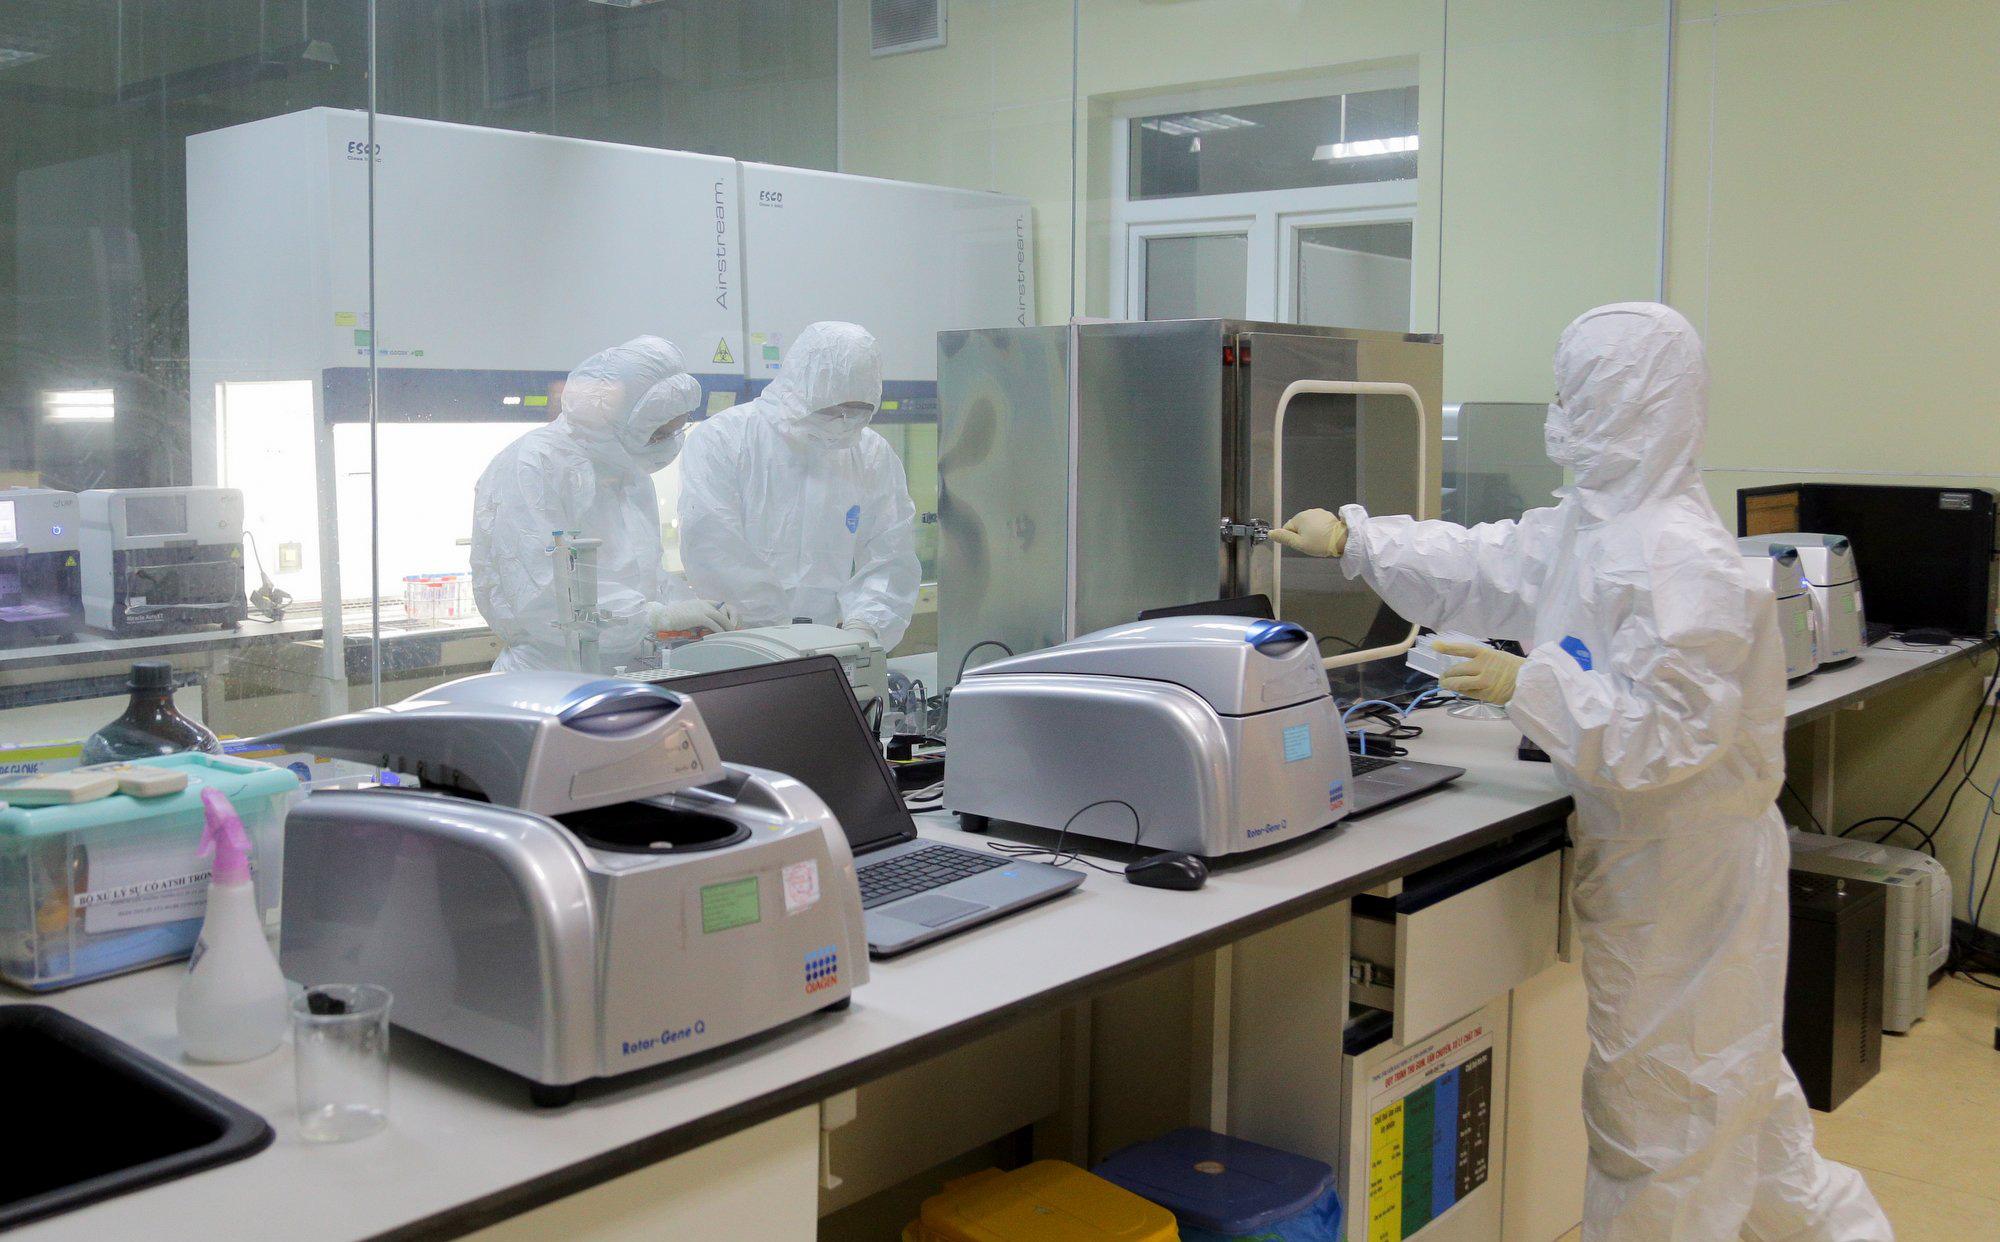 Quảng Ninh vừa công bố danh sách 10 ca nghi nhiễm Covid-19, một người là mẹ của BN 1553